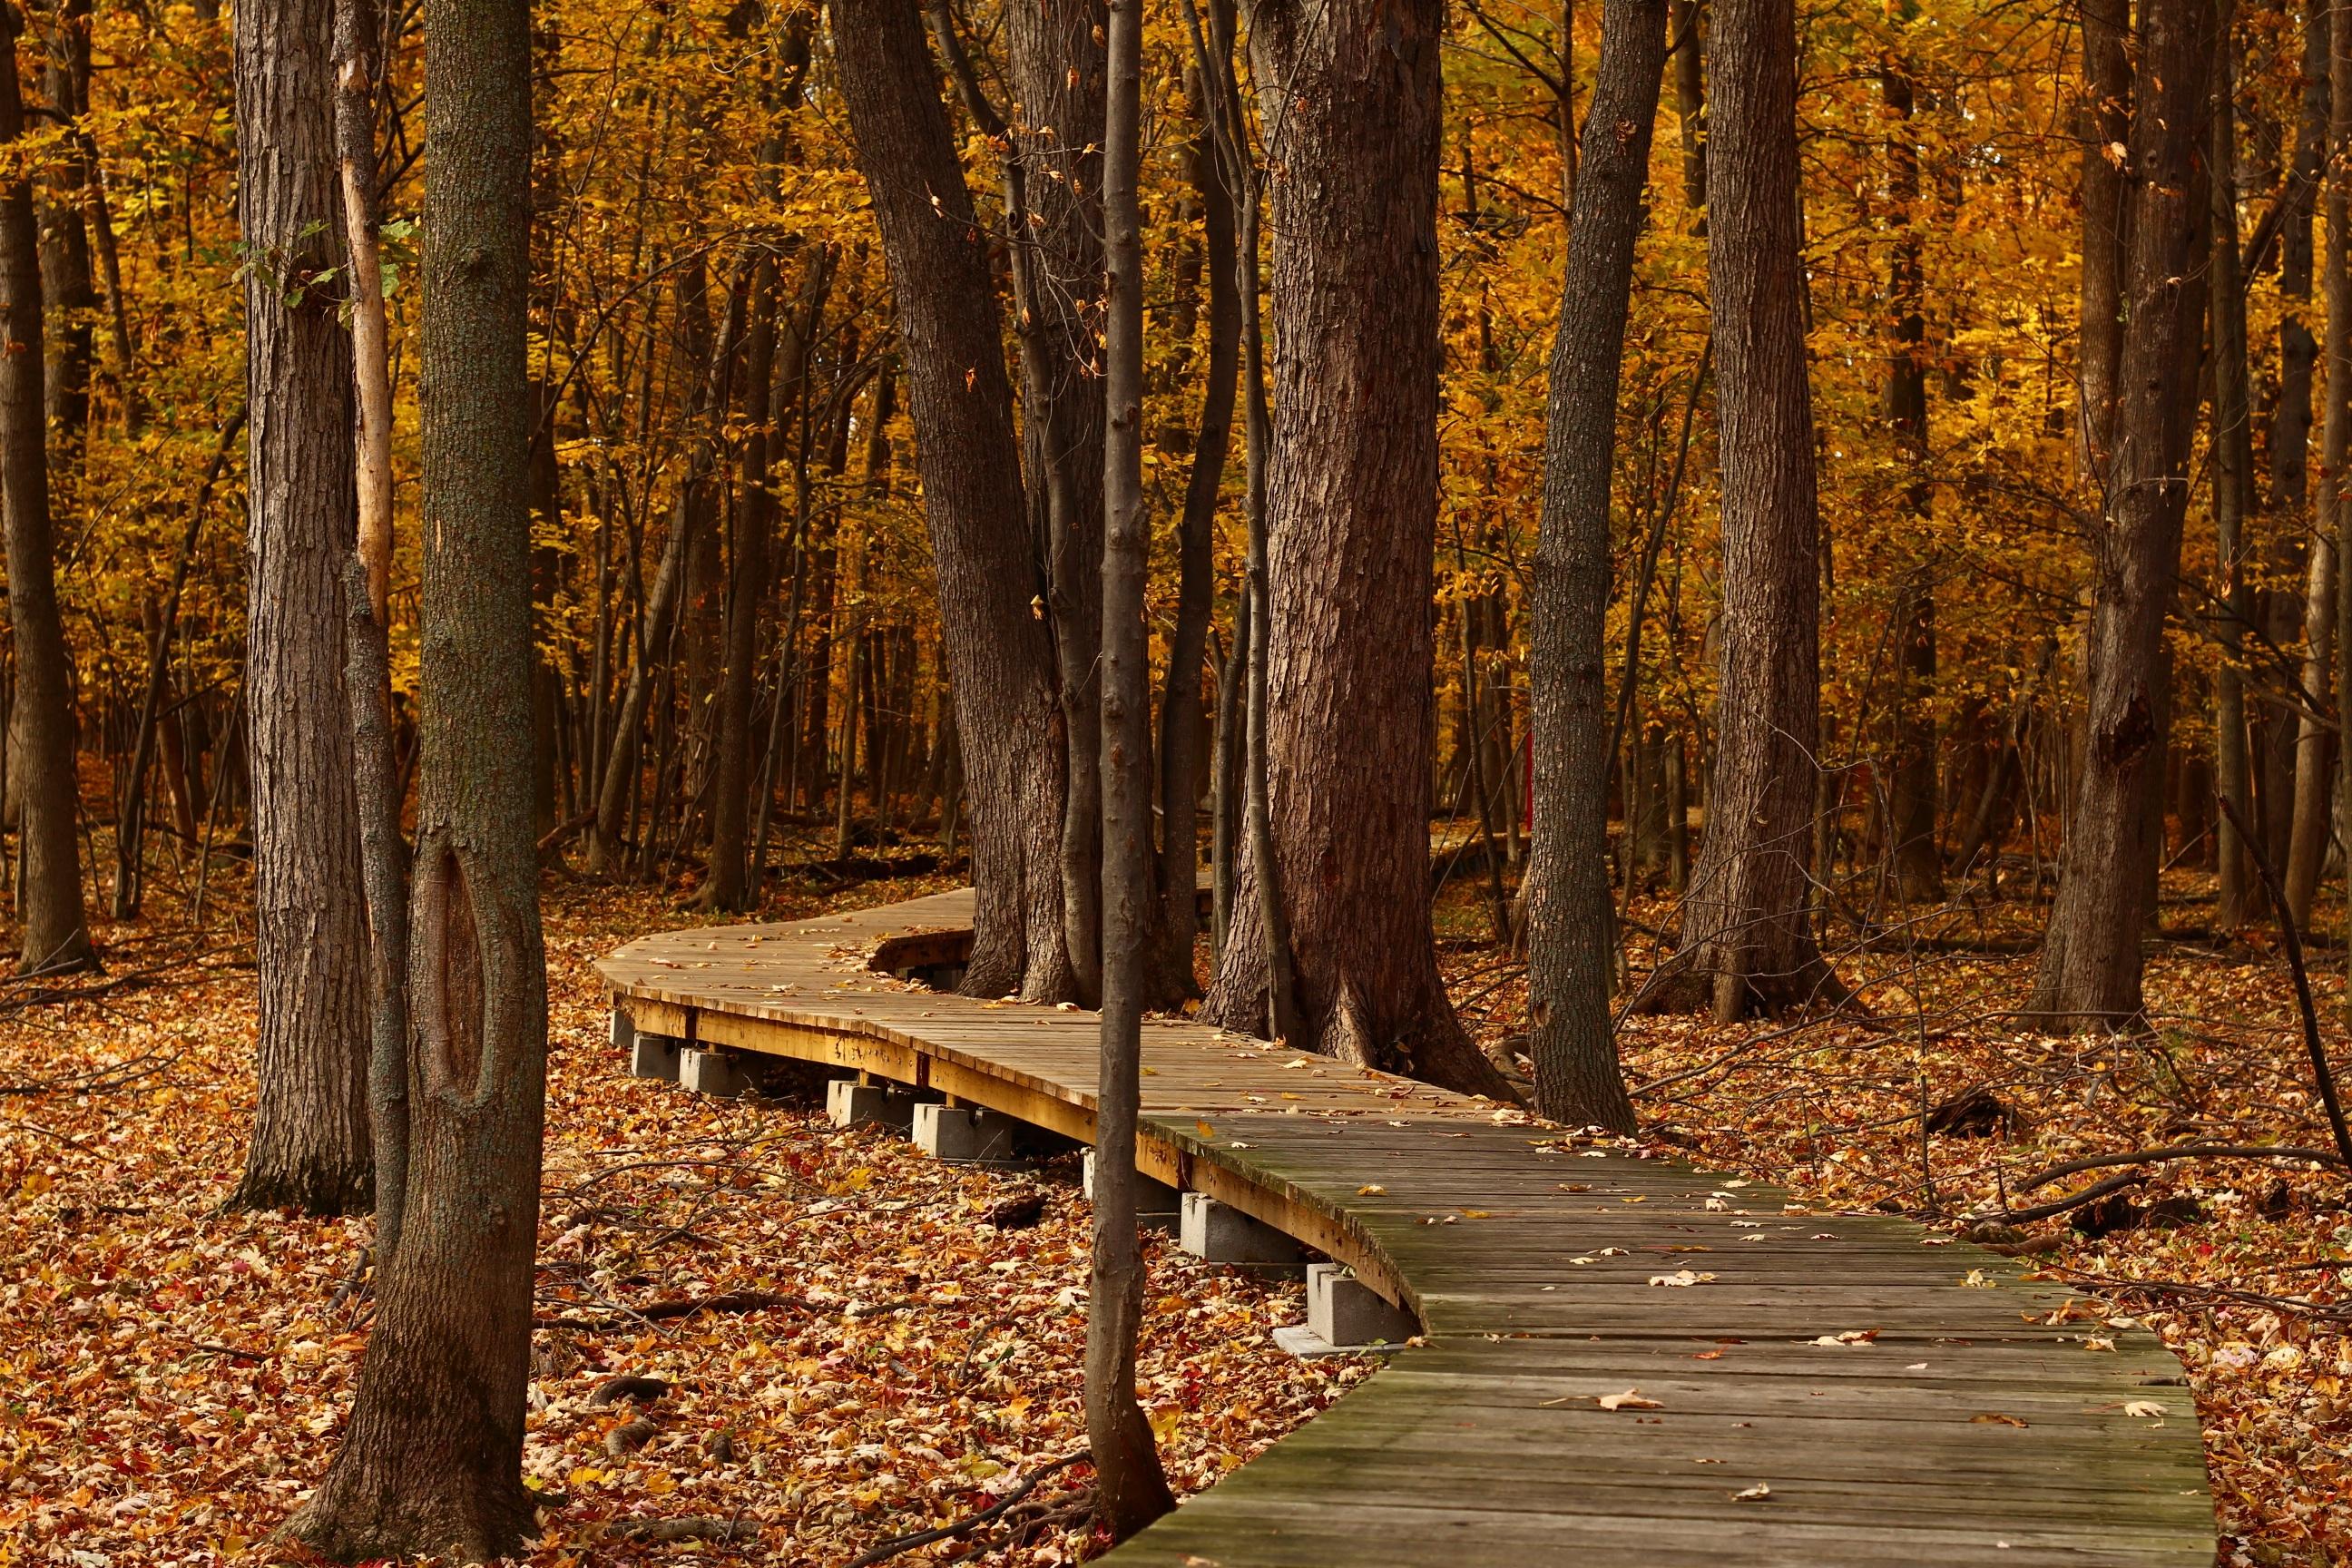 58764壁紙のダウンロード自然, 秋, 葉, 木の葉, 公園, 木-スクリーンセーバーと写真を無料で